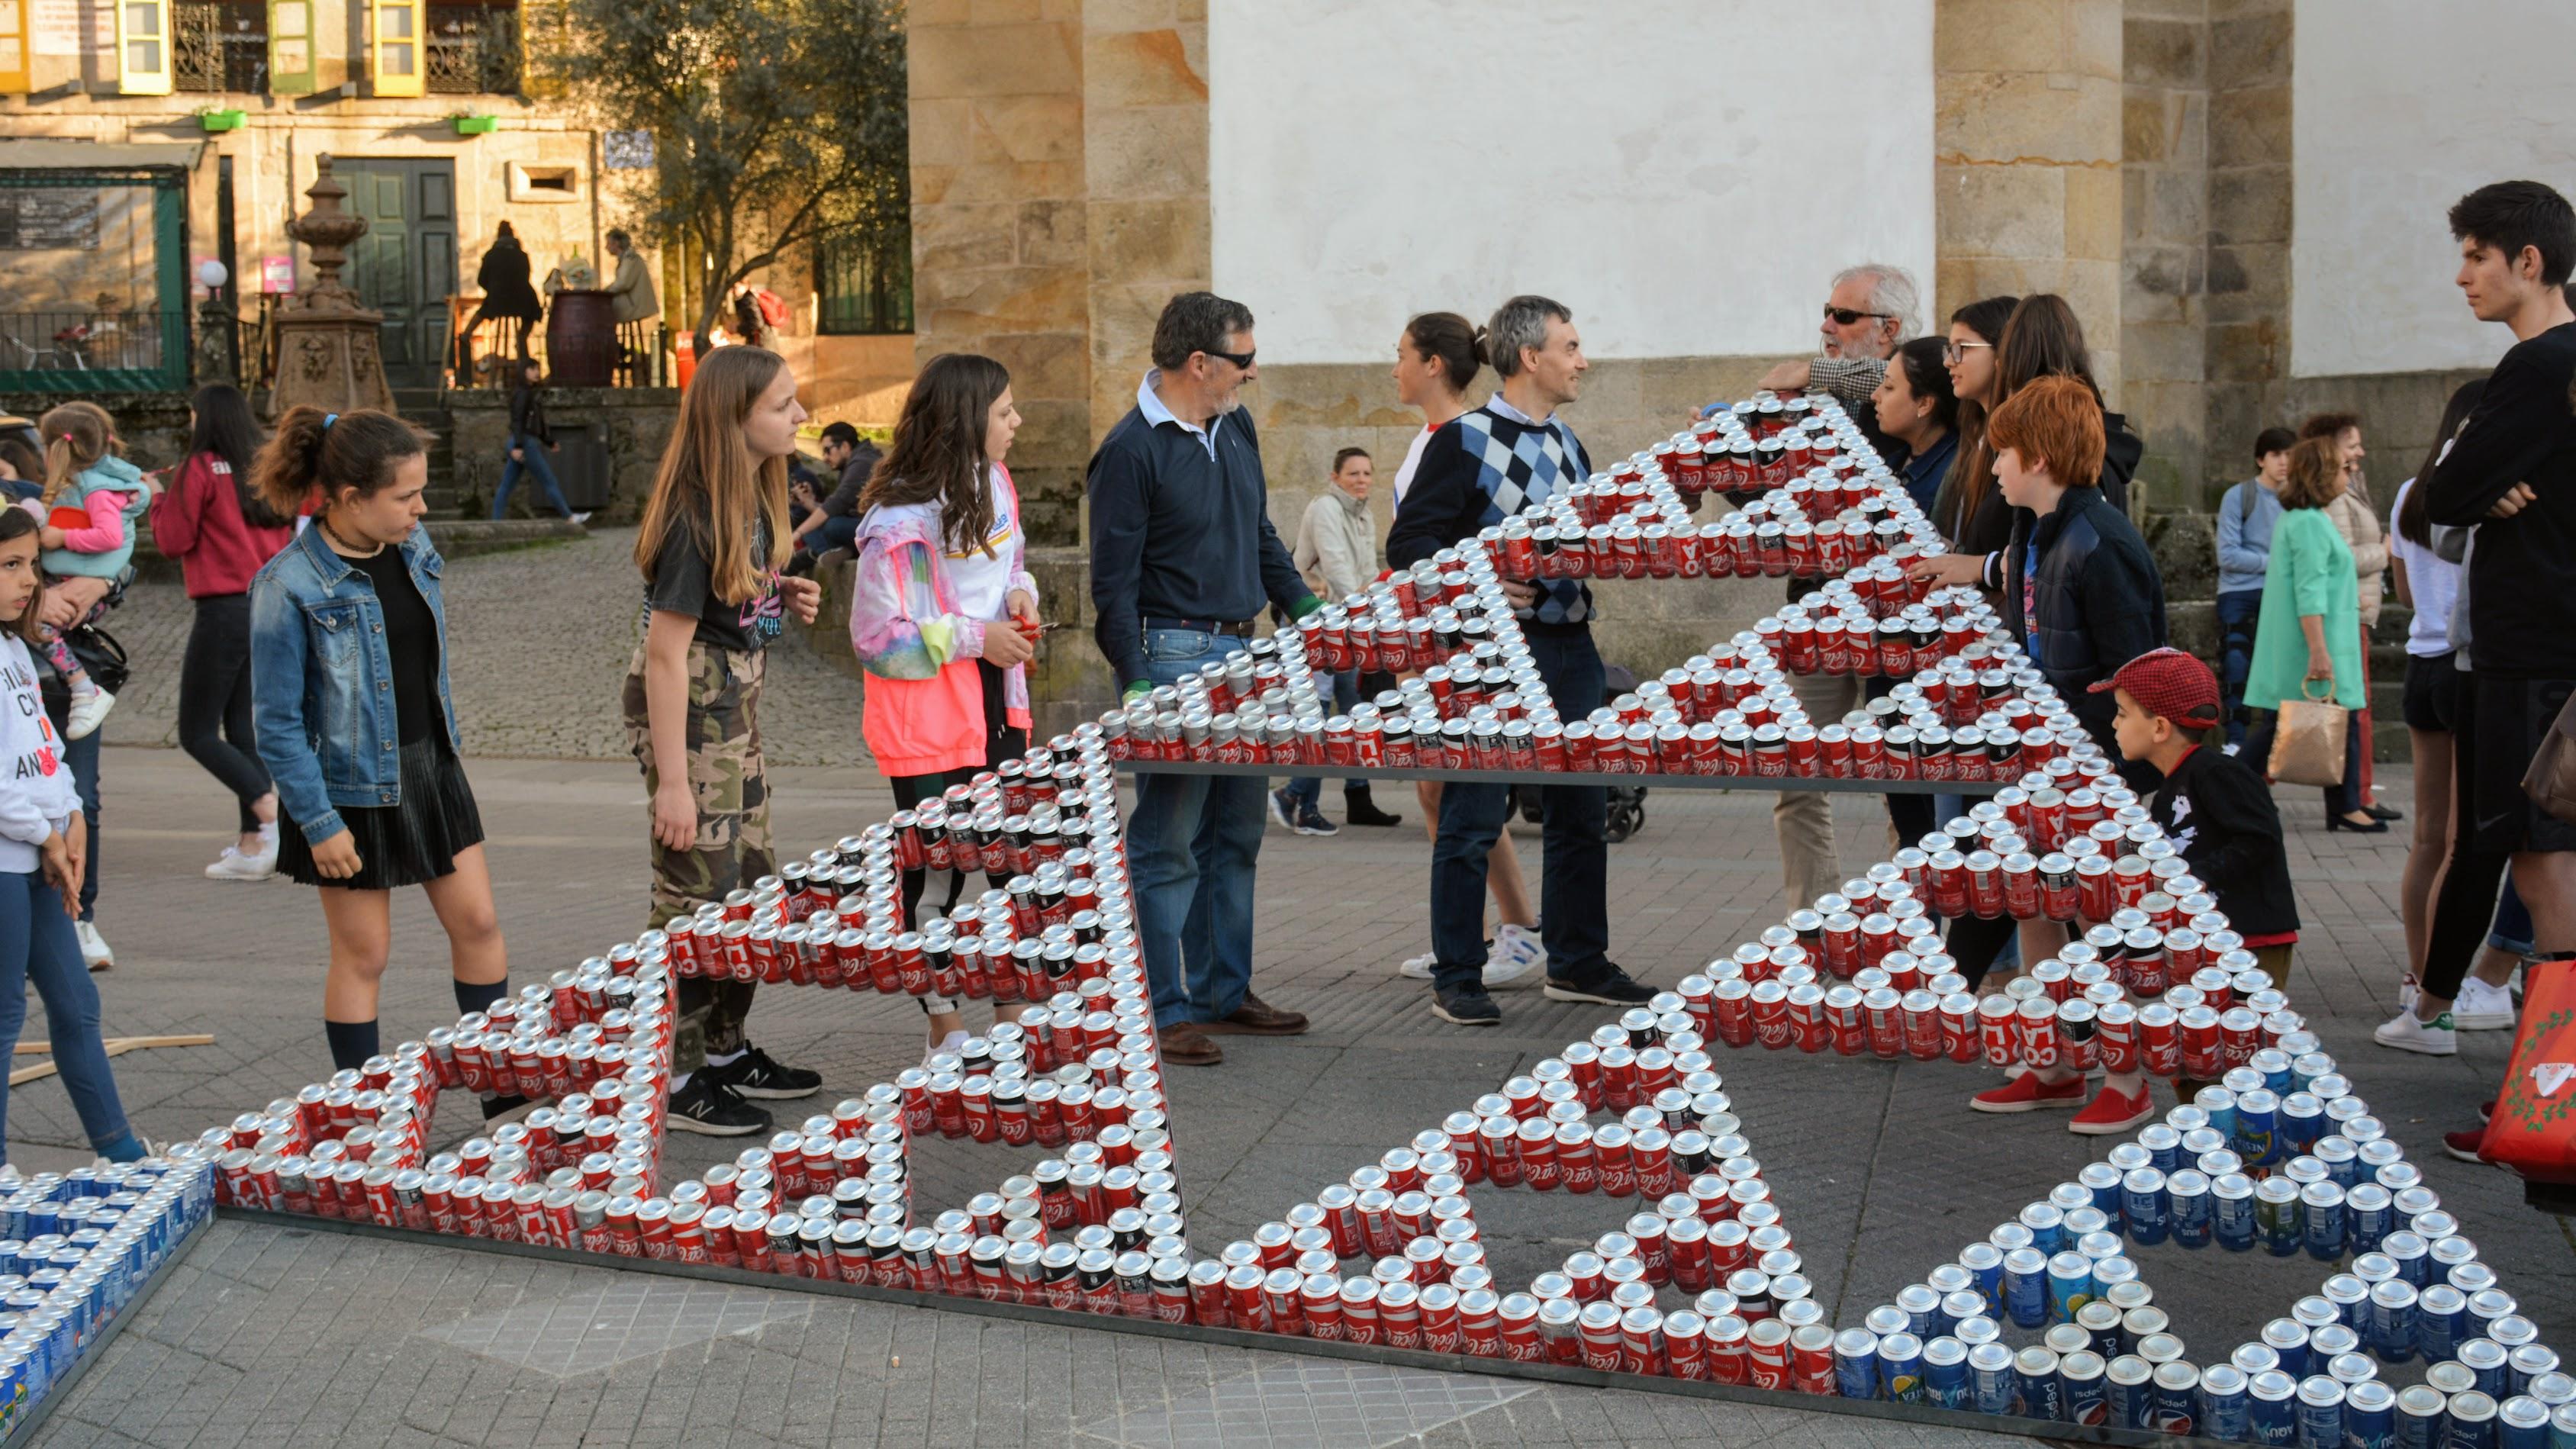 Triángulo de Sierpinski realizado con latas de refresco